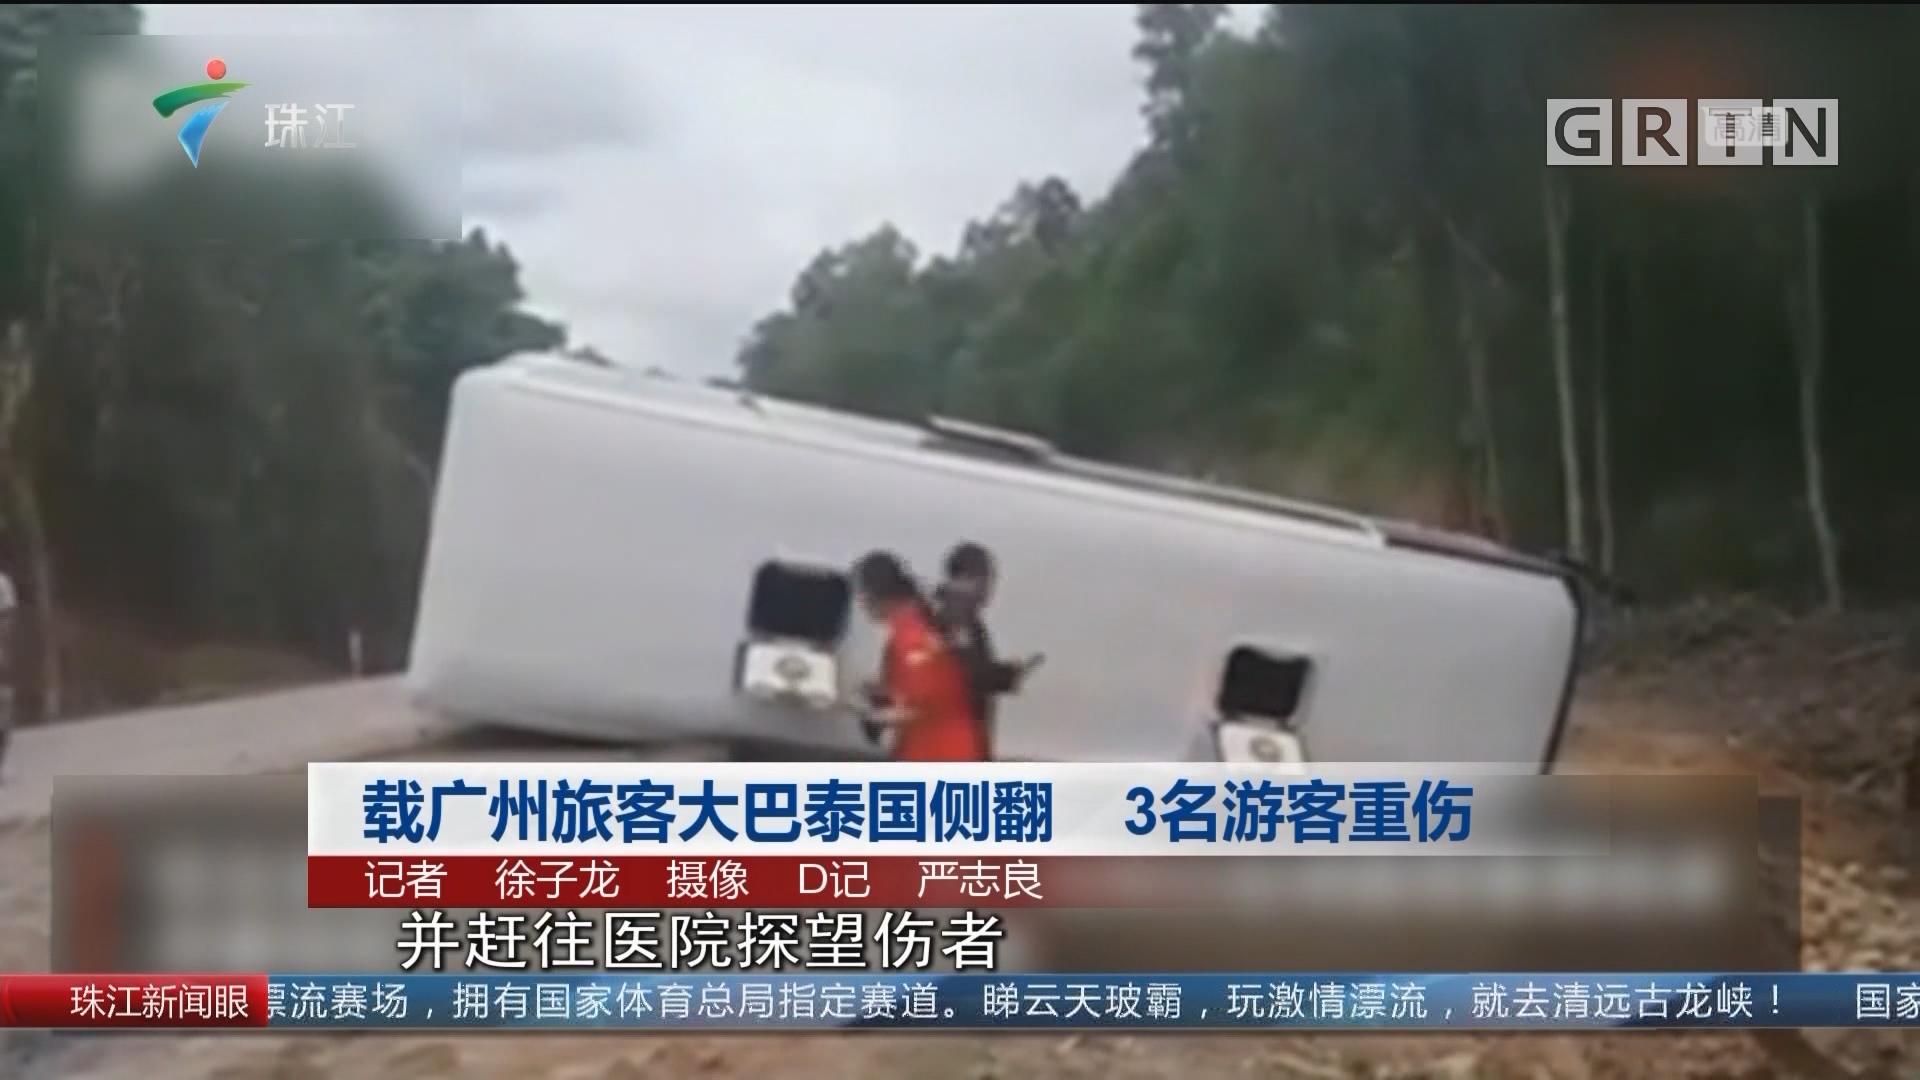 载广州旅客大巴泰国侧翻 3名游客重伤